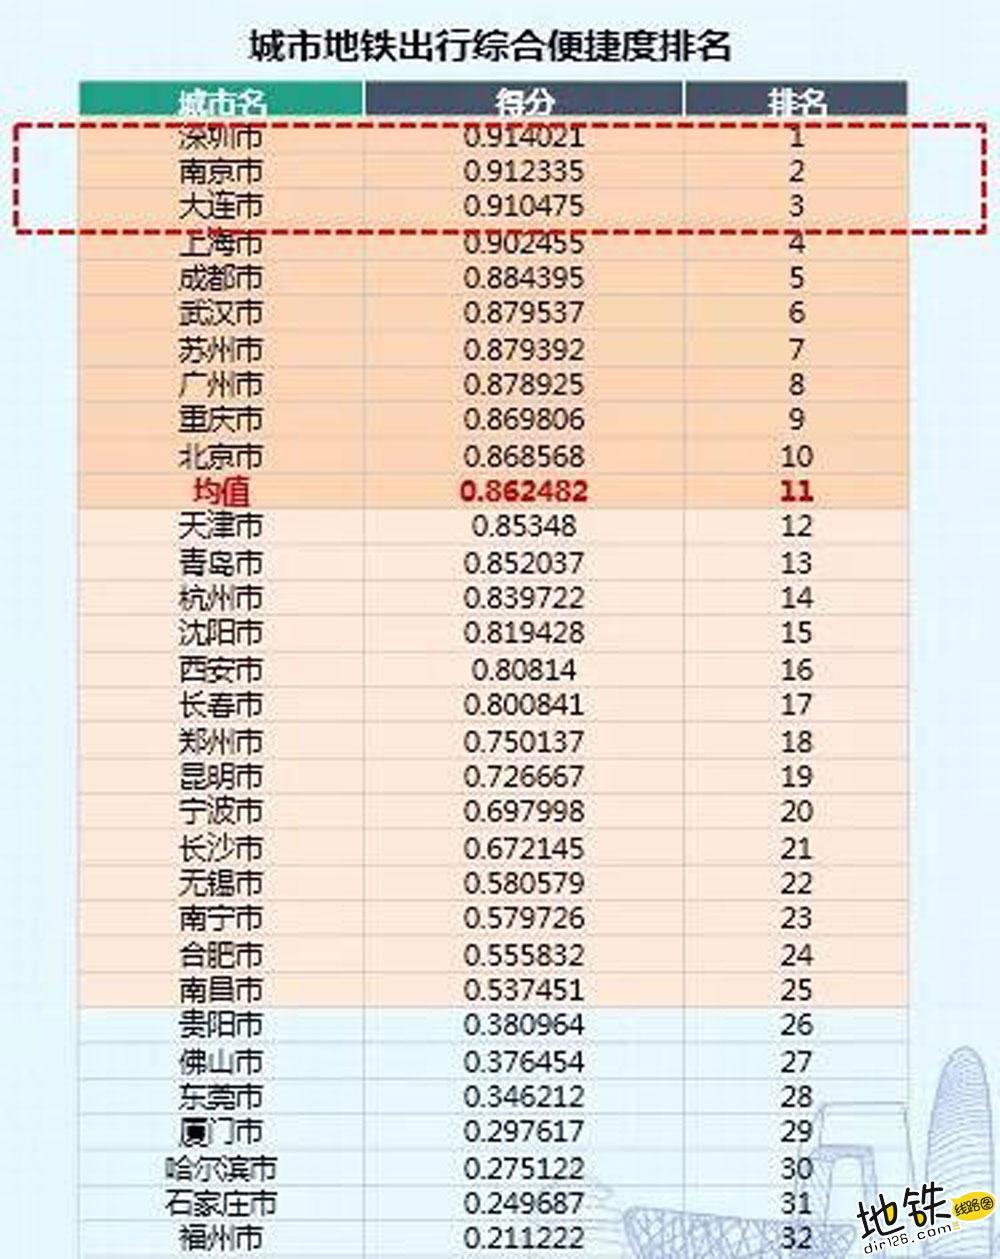 中国城轨地铁出行综合便捷度排行榜 深圳市位居榜首 轨道交通 便捷度 交通 城市 地铁 轨道动态  第2张